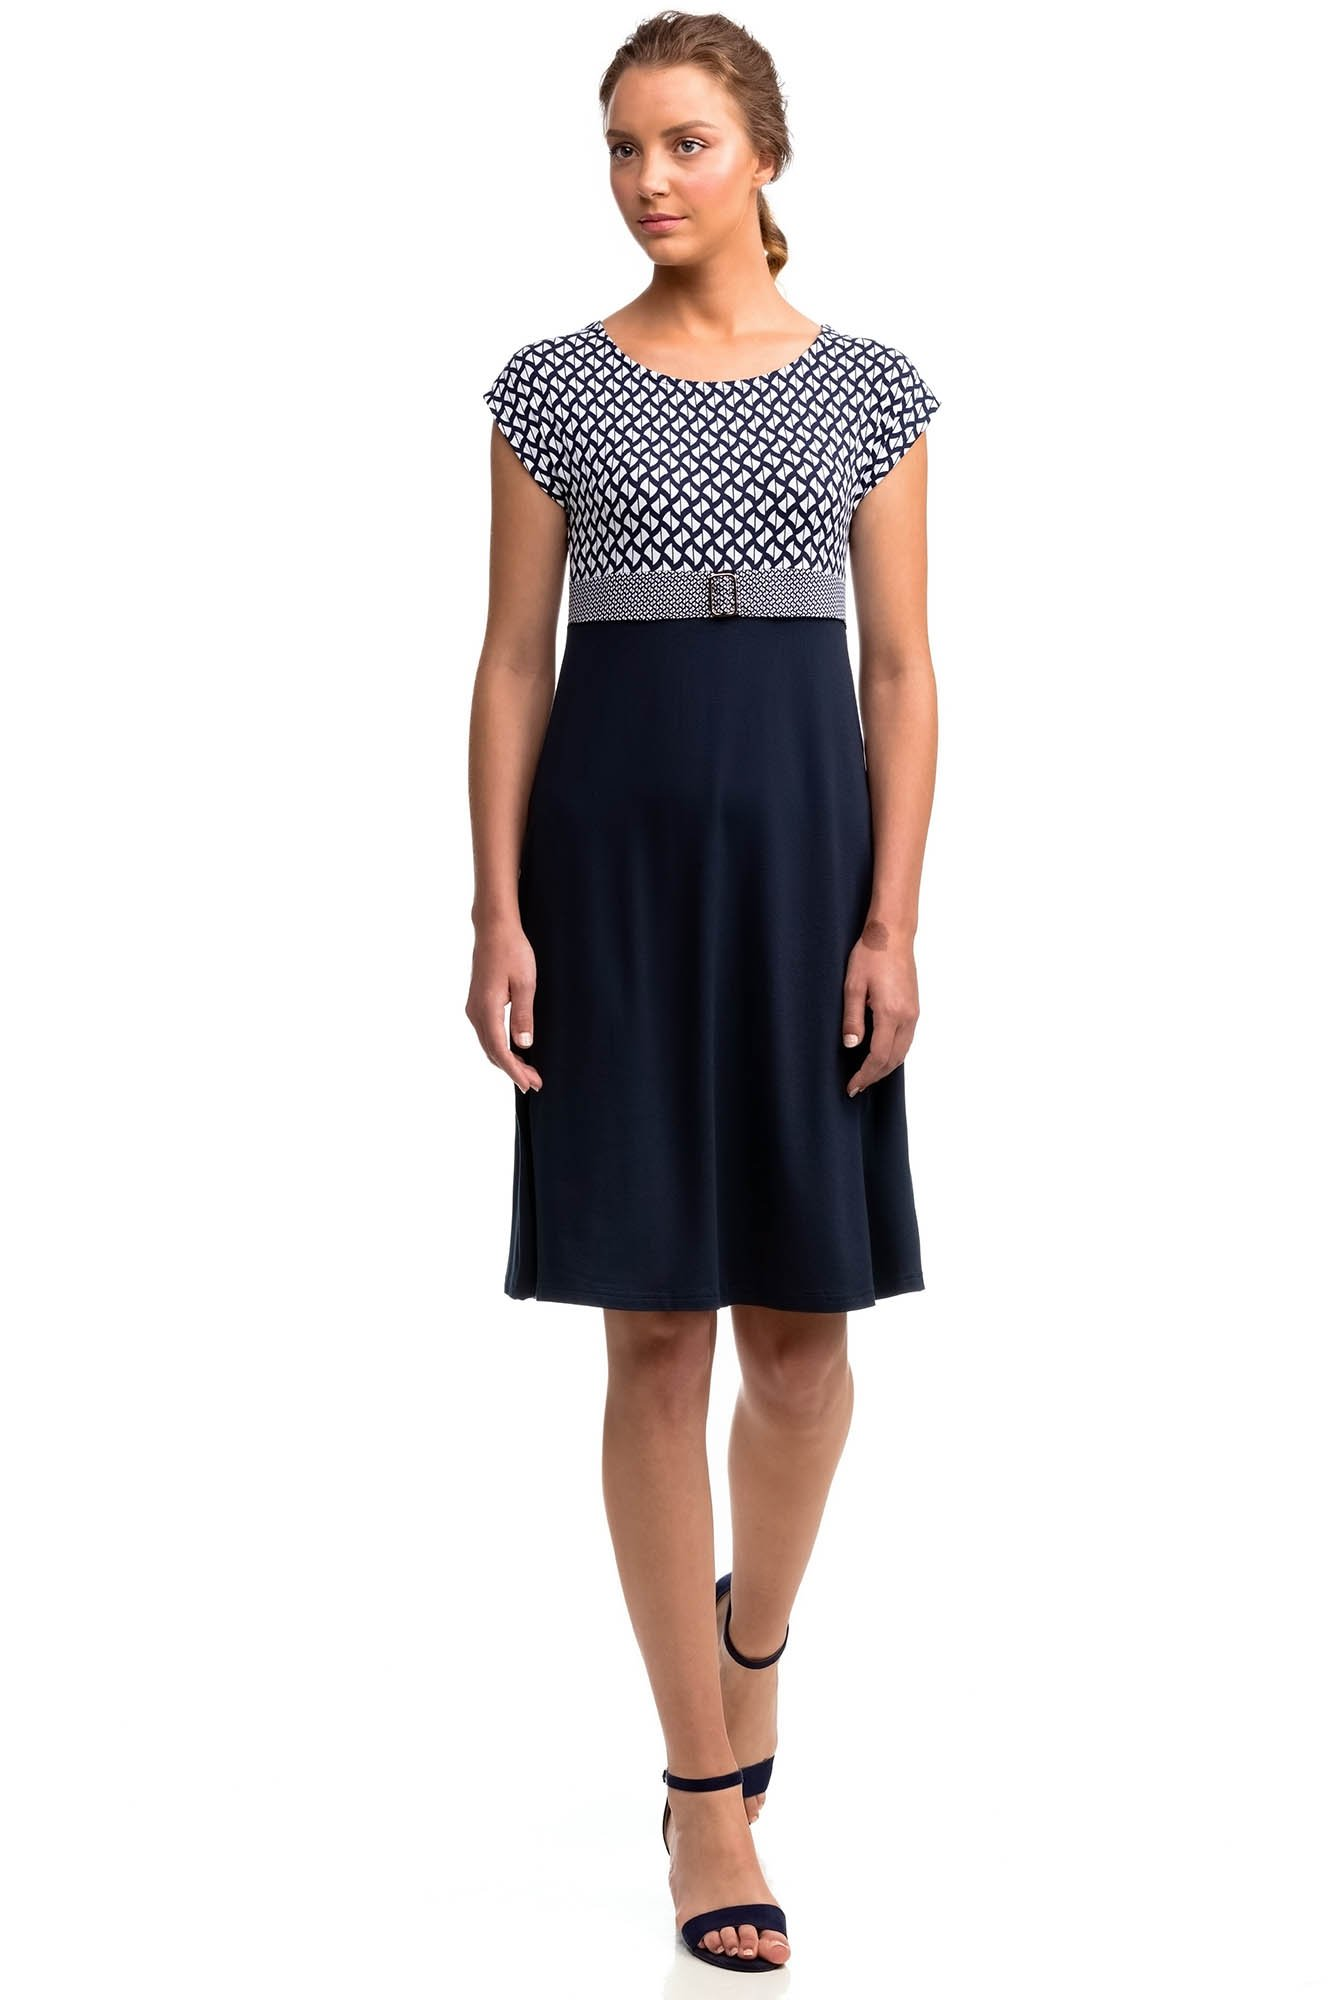 Vamp - Elegantní vzorované dámské šaty BLUE L 14452 - Vamp